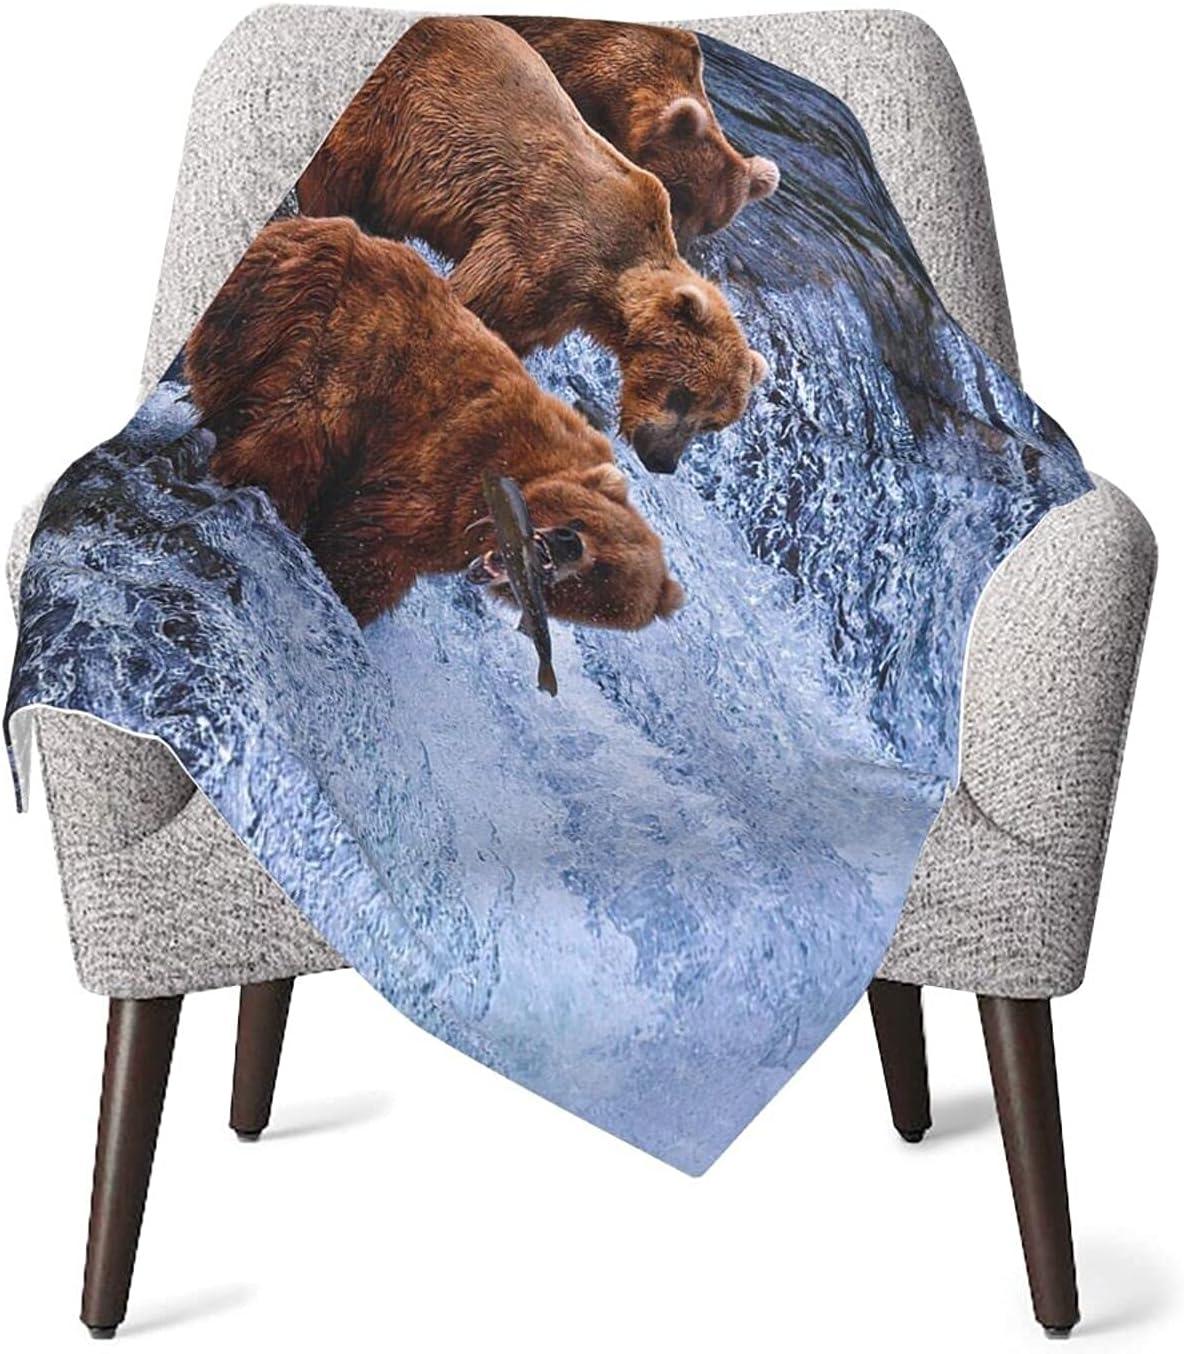 Manta para bebé, de Africa, con osos de pesca en el río, unisex, para bebé, de peluche, 30 x 40 pulgadas, para niños y niñas FASHLOVE